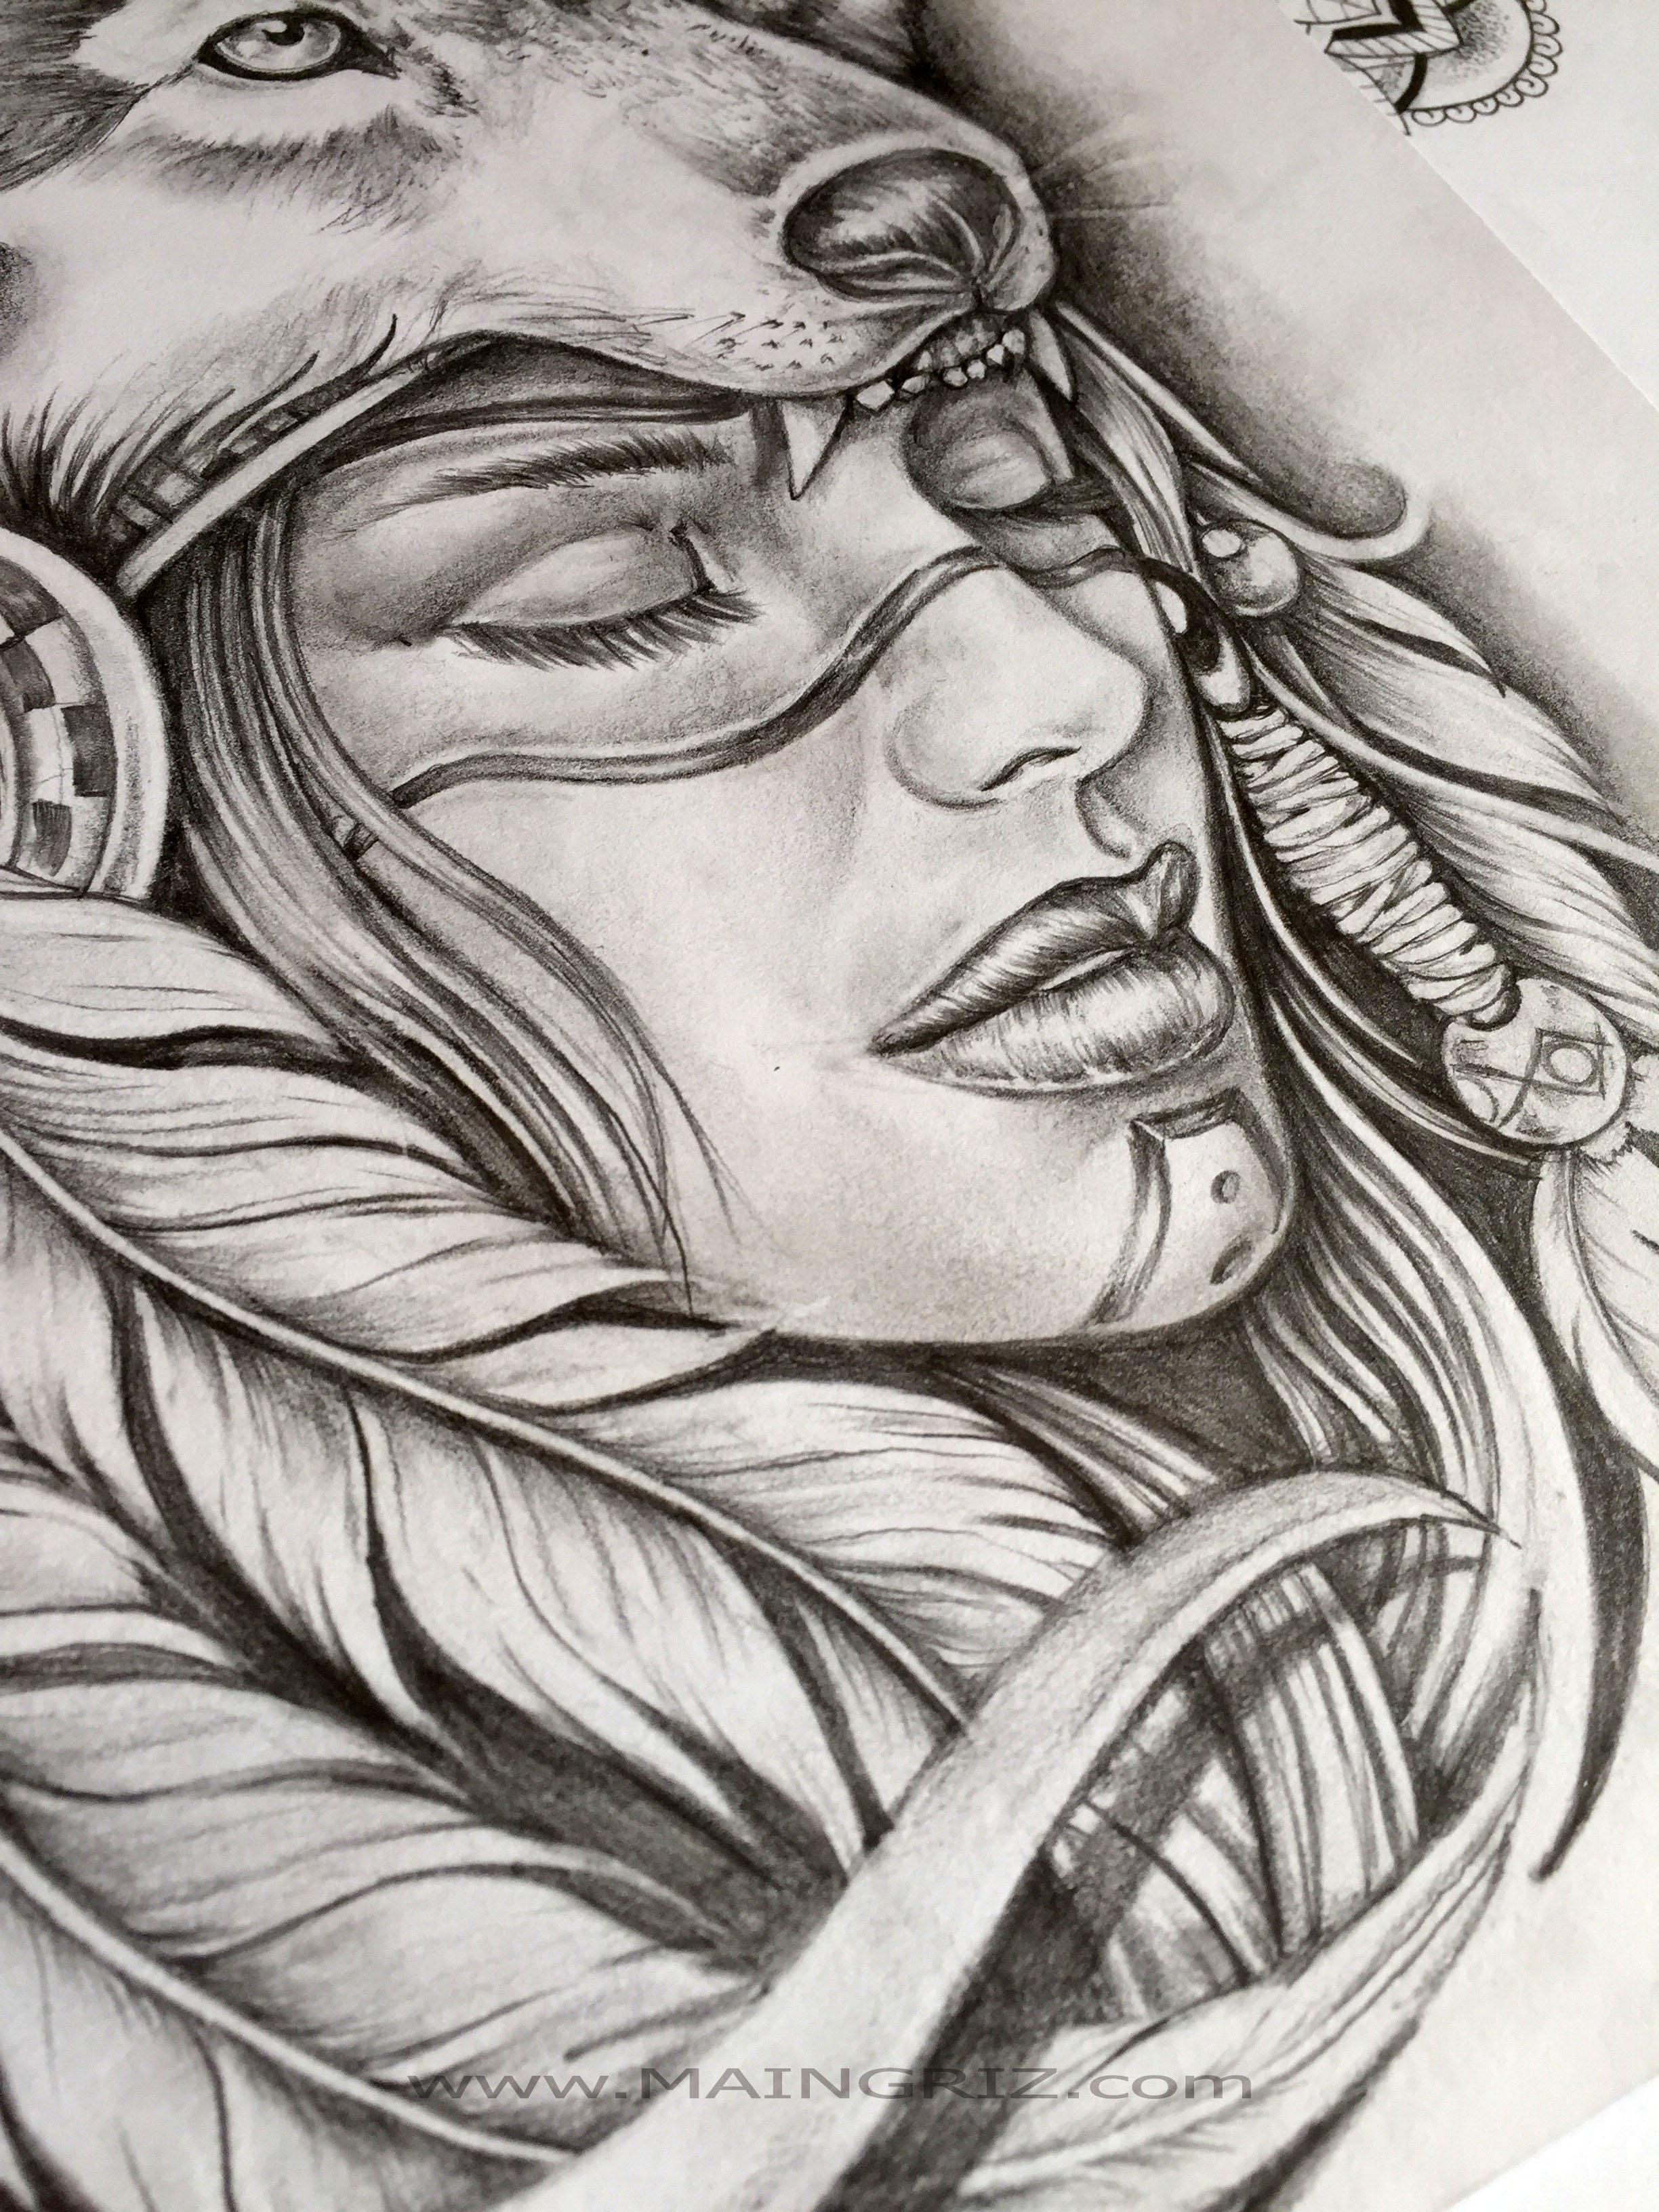 Tatouage dessin femme - Dessin tatouage femme ...